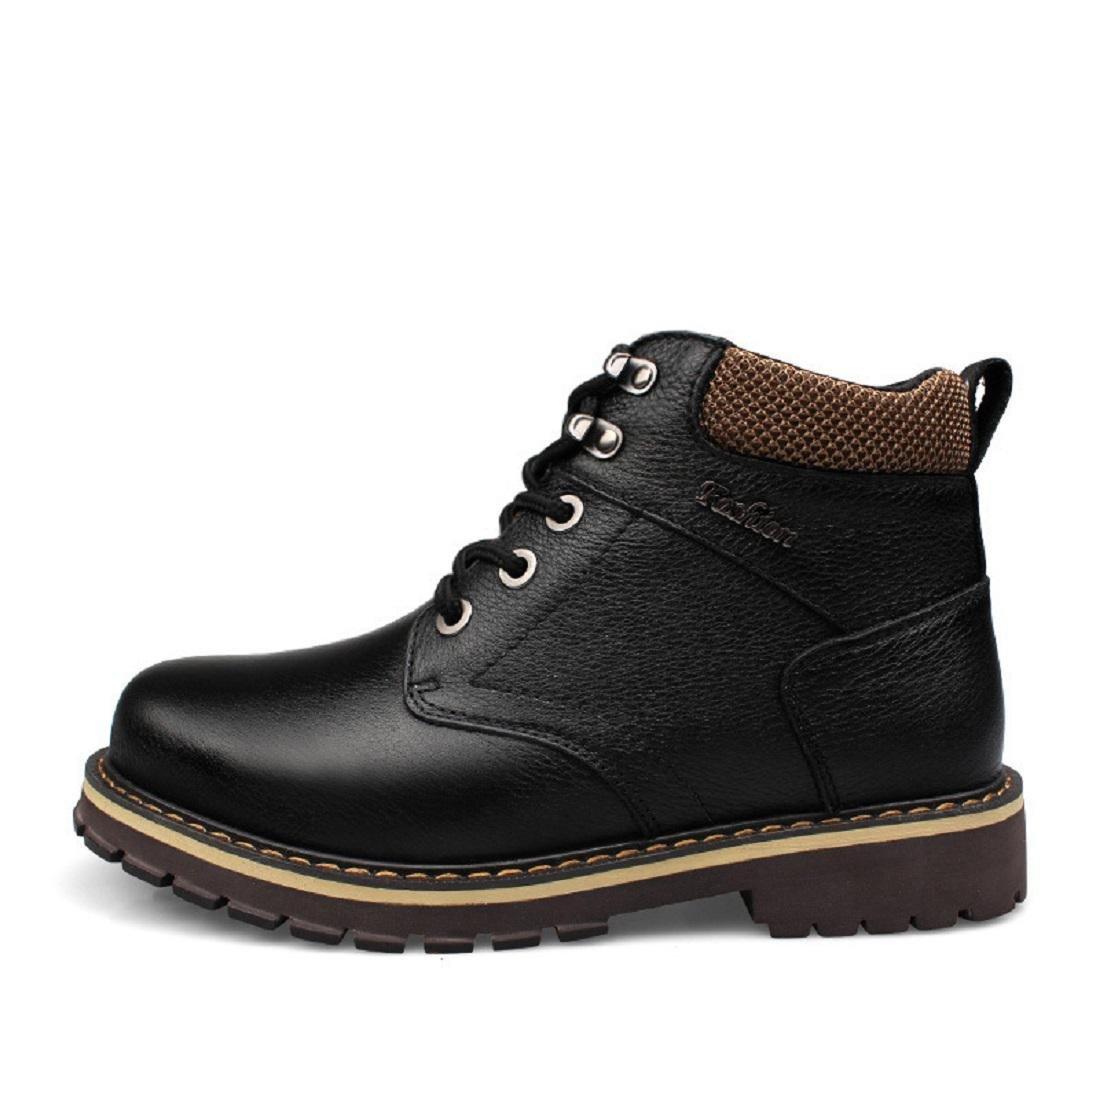 Herren Winter Plus Kaschmir Martin Stiefel Warm Warm Warm halten Baumwollstiefel Draussen Lässige Schuhe Lederstiefel EUR GRÖSSE 38-50  07eb0f